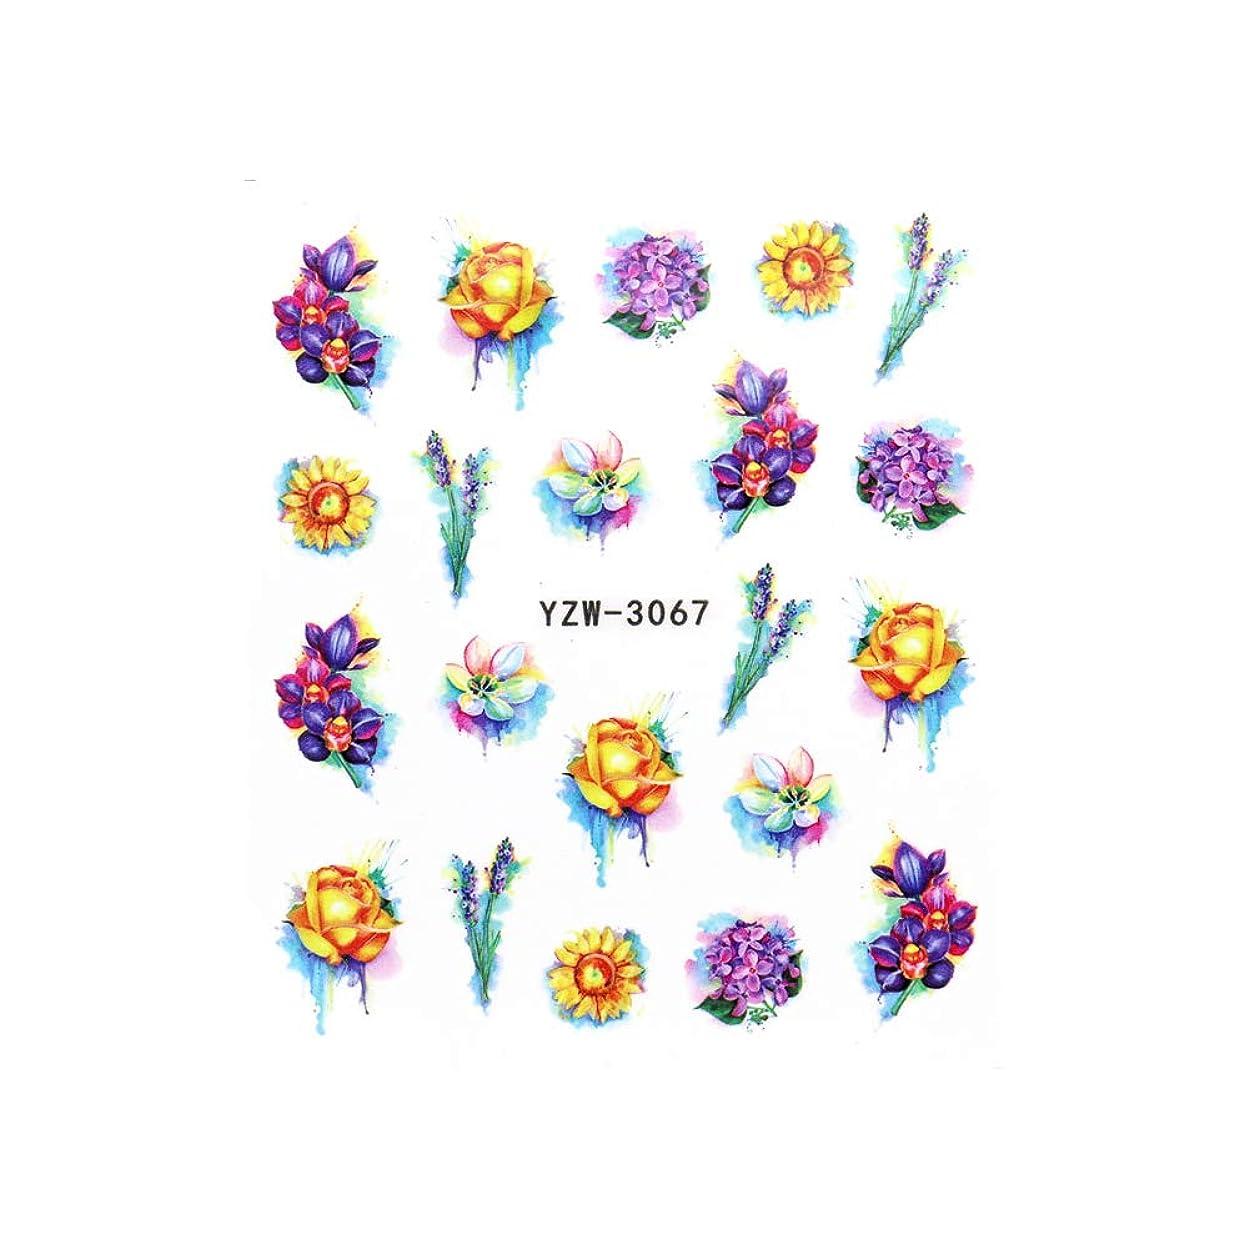 ネイルシール ビビッドフラワーシール 花柄ネイル 押し花 薔薇 ローズ あじさい ひまわり ネイルアート